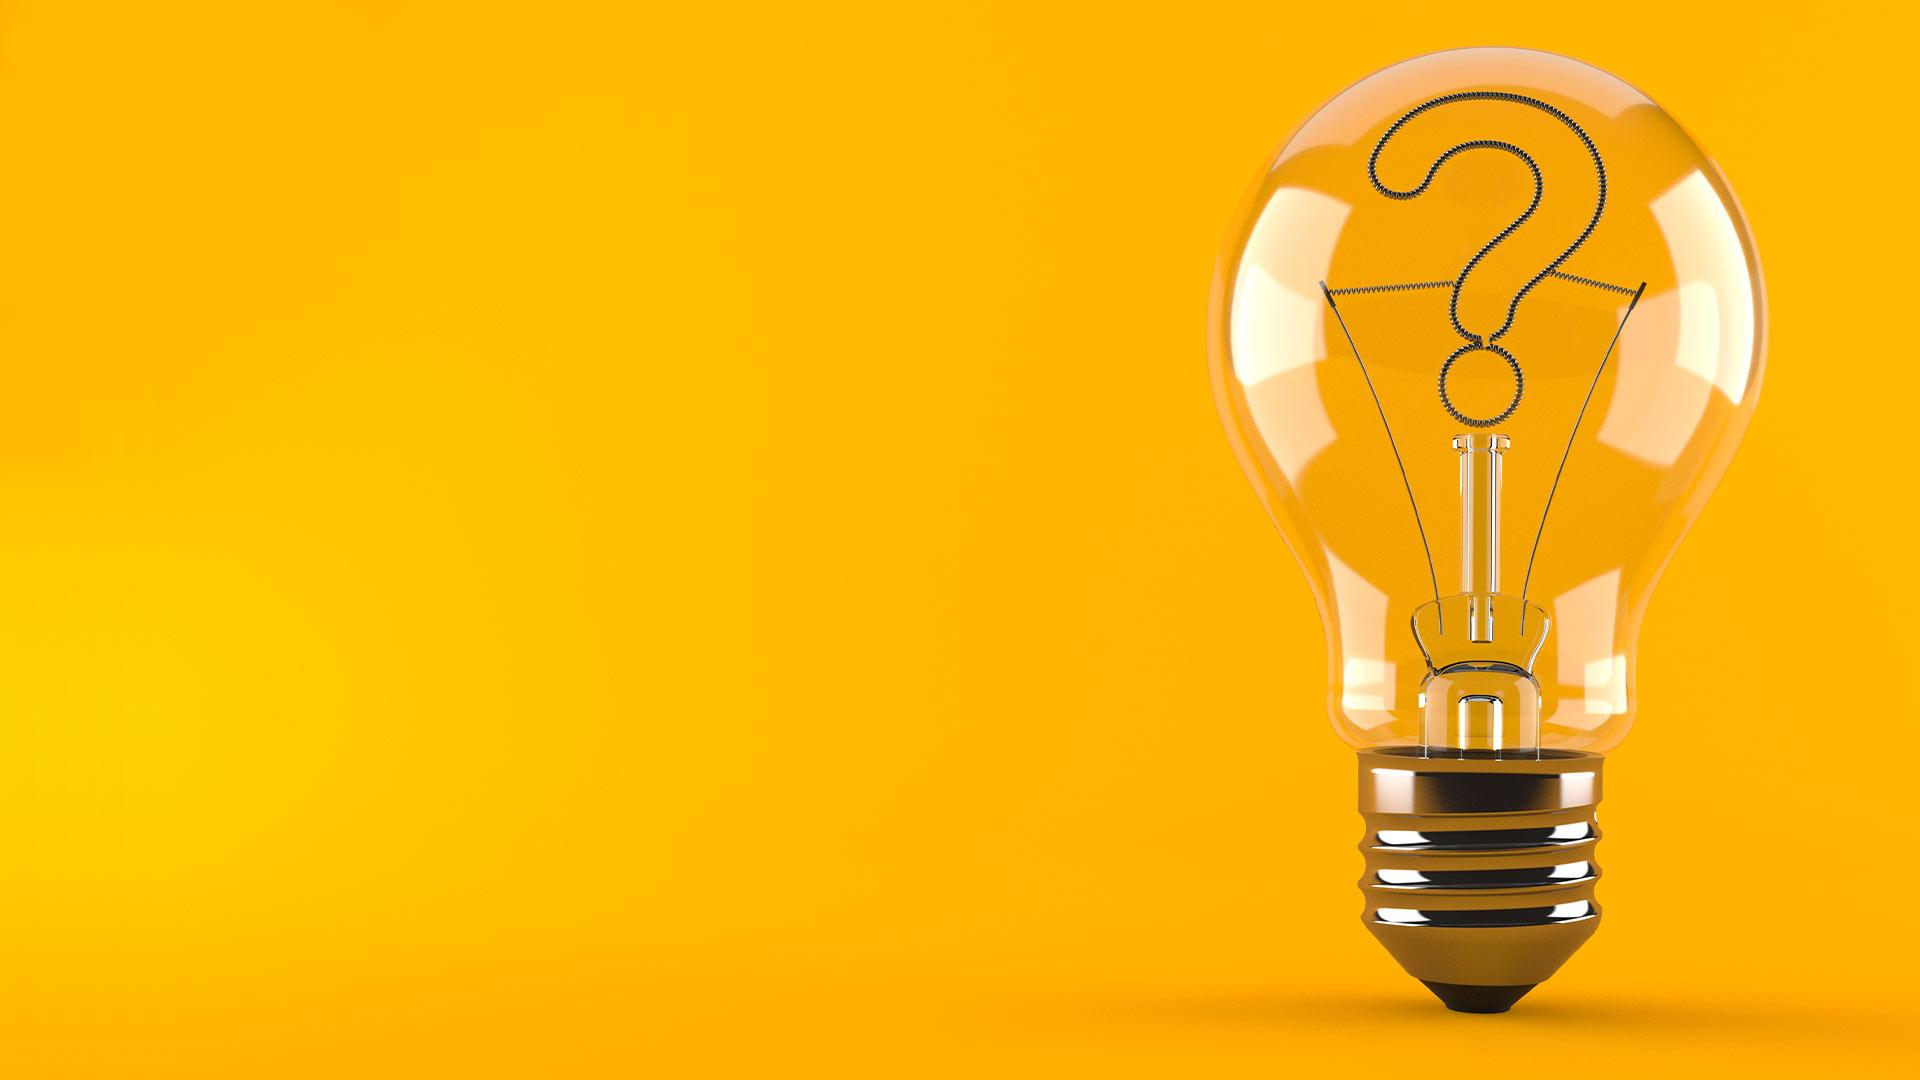 Effekttariffer på el - vad är det?